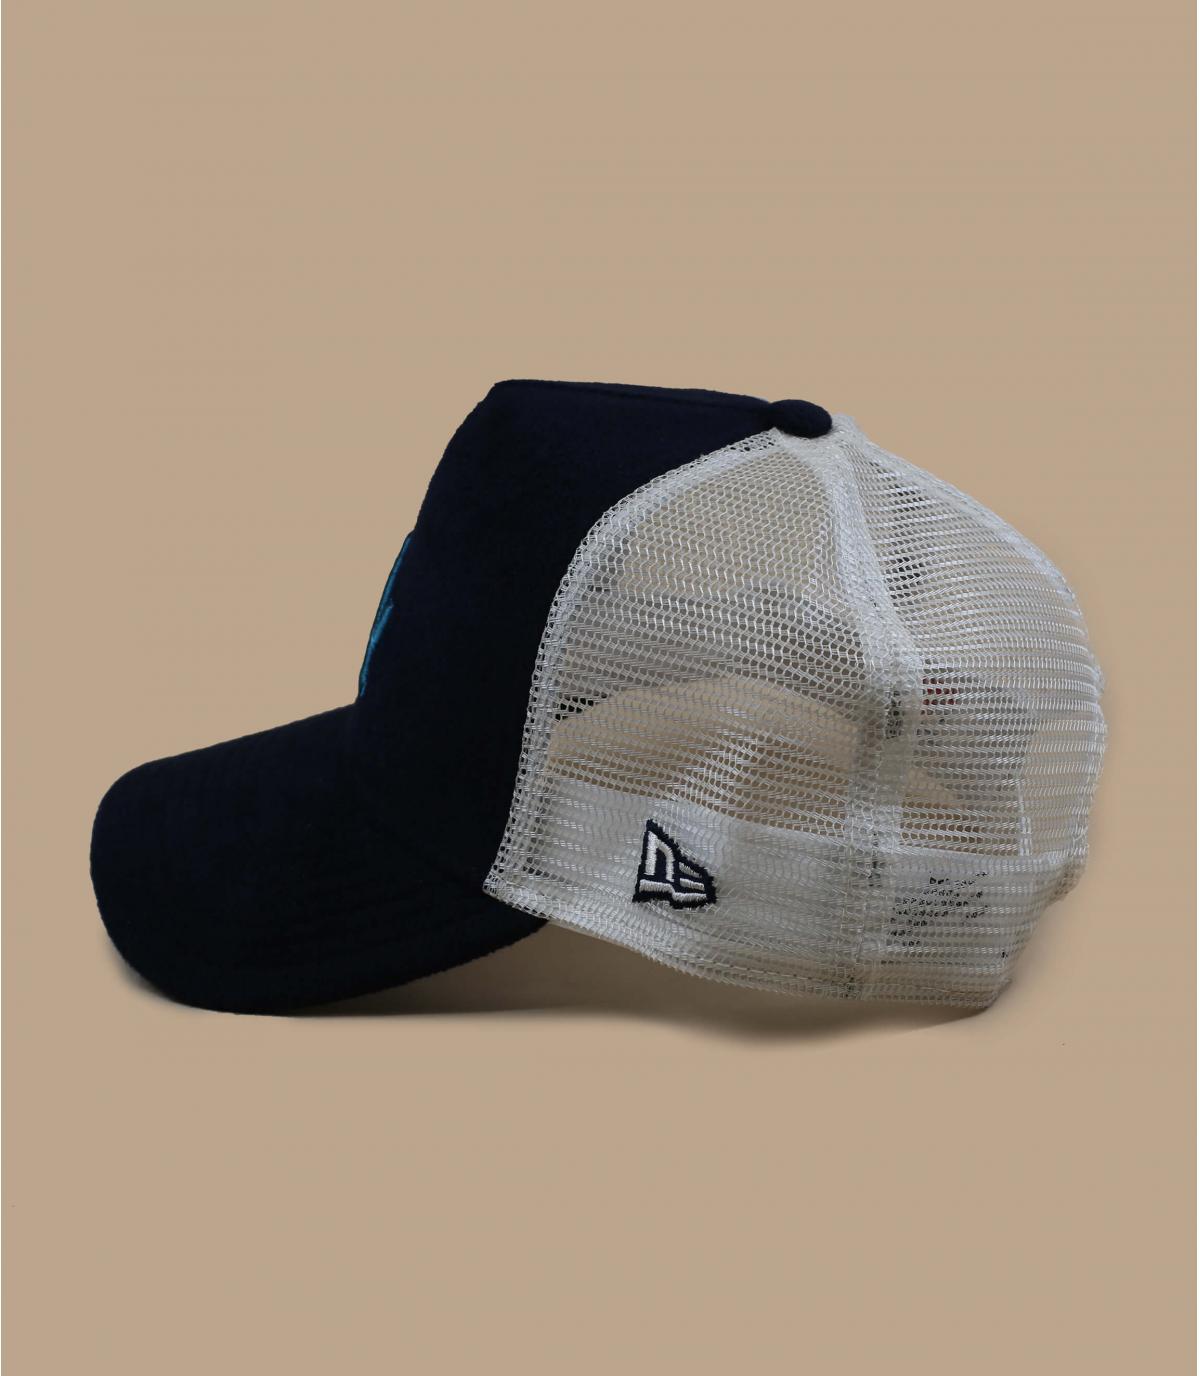 Détails Trucker MLB LA navy cadet blue - image 3